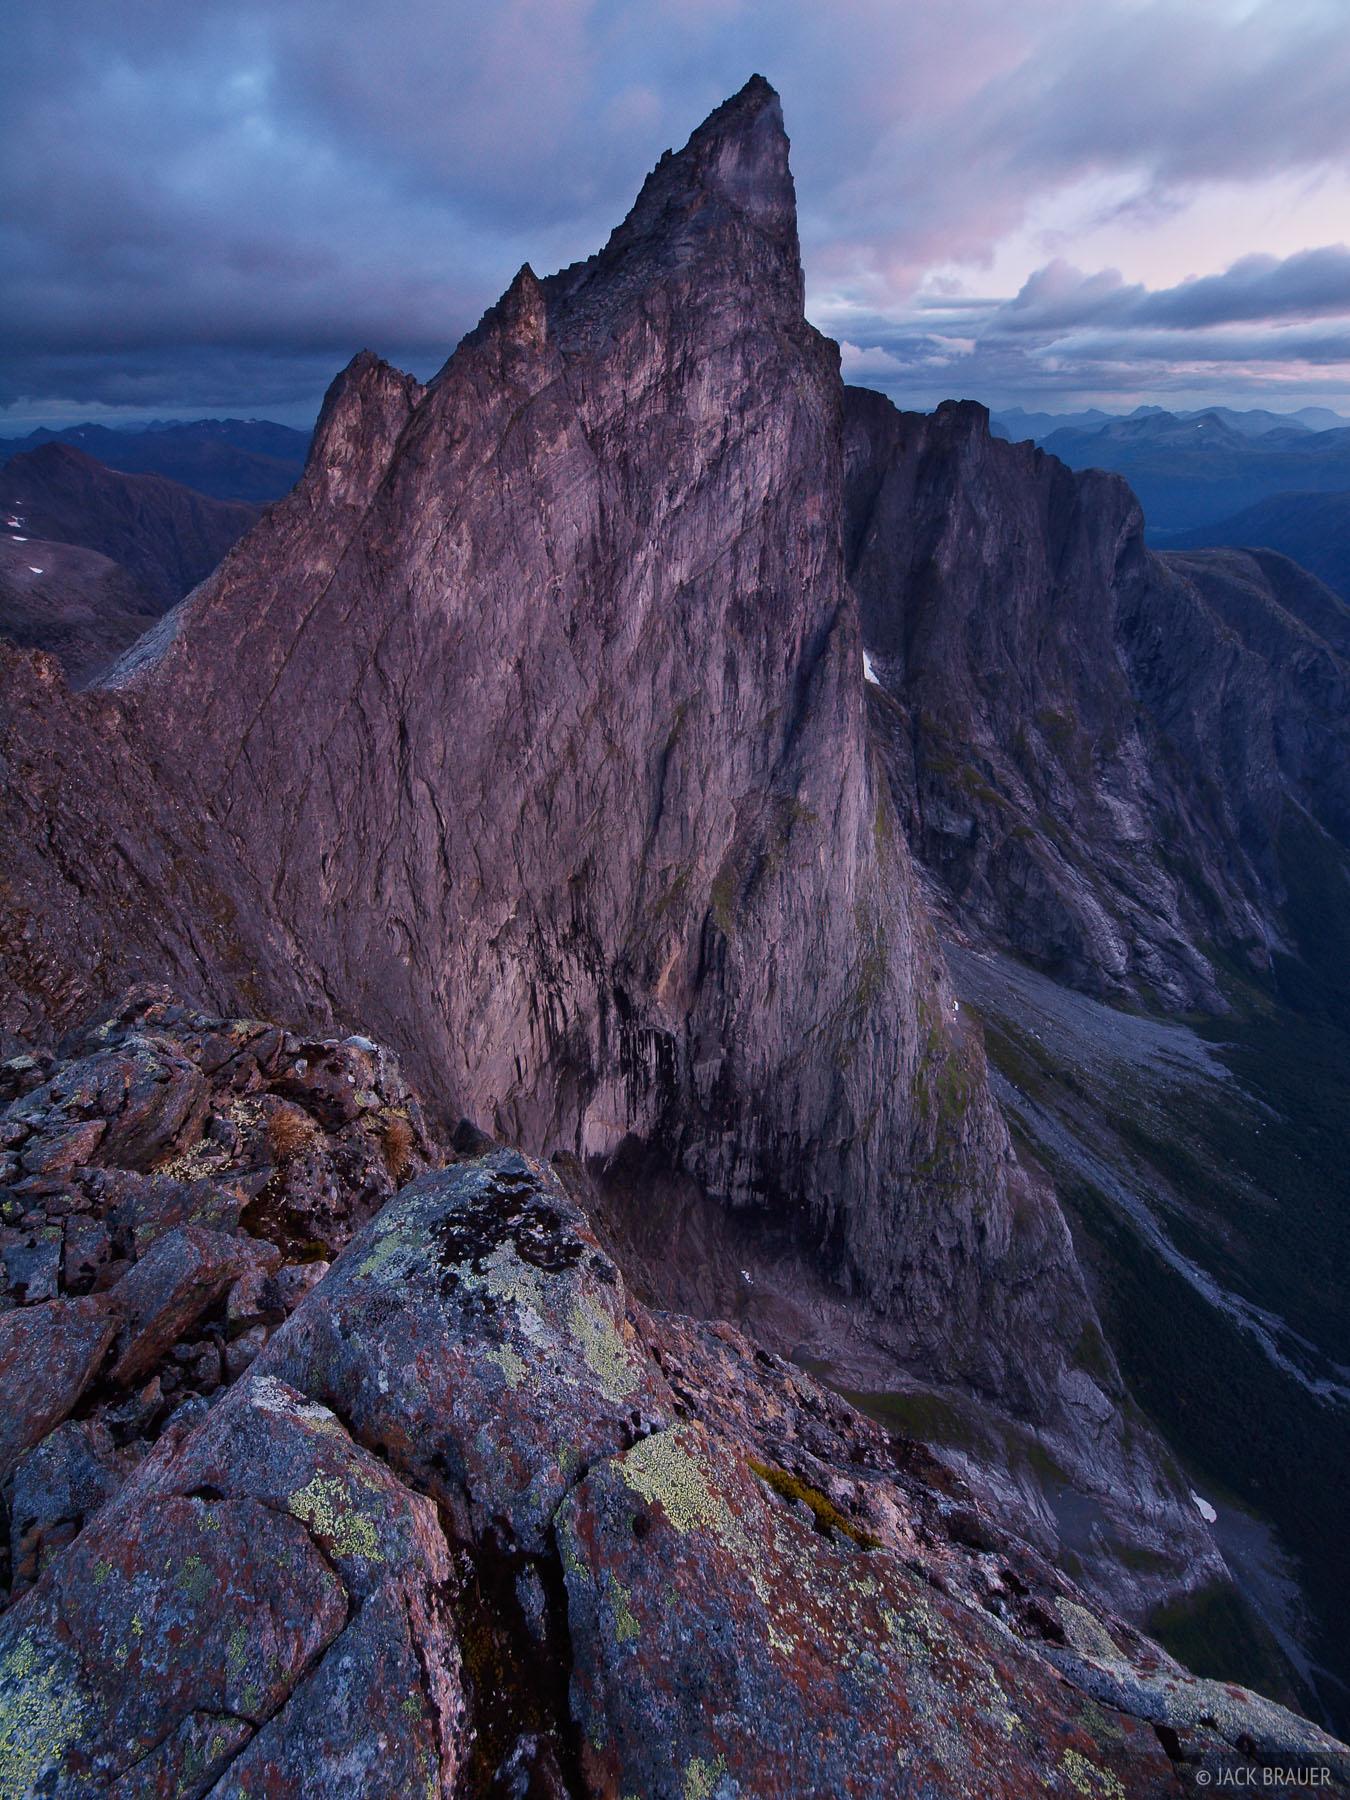 Trollveggen, Trollstinden, Romsdal, Romsdalen, Norway, Troll Wall, photo